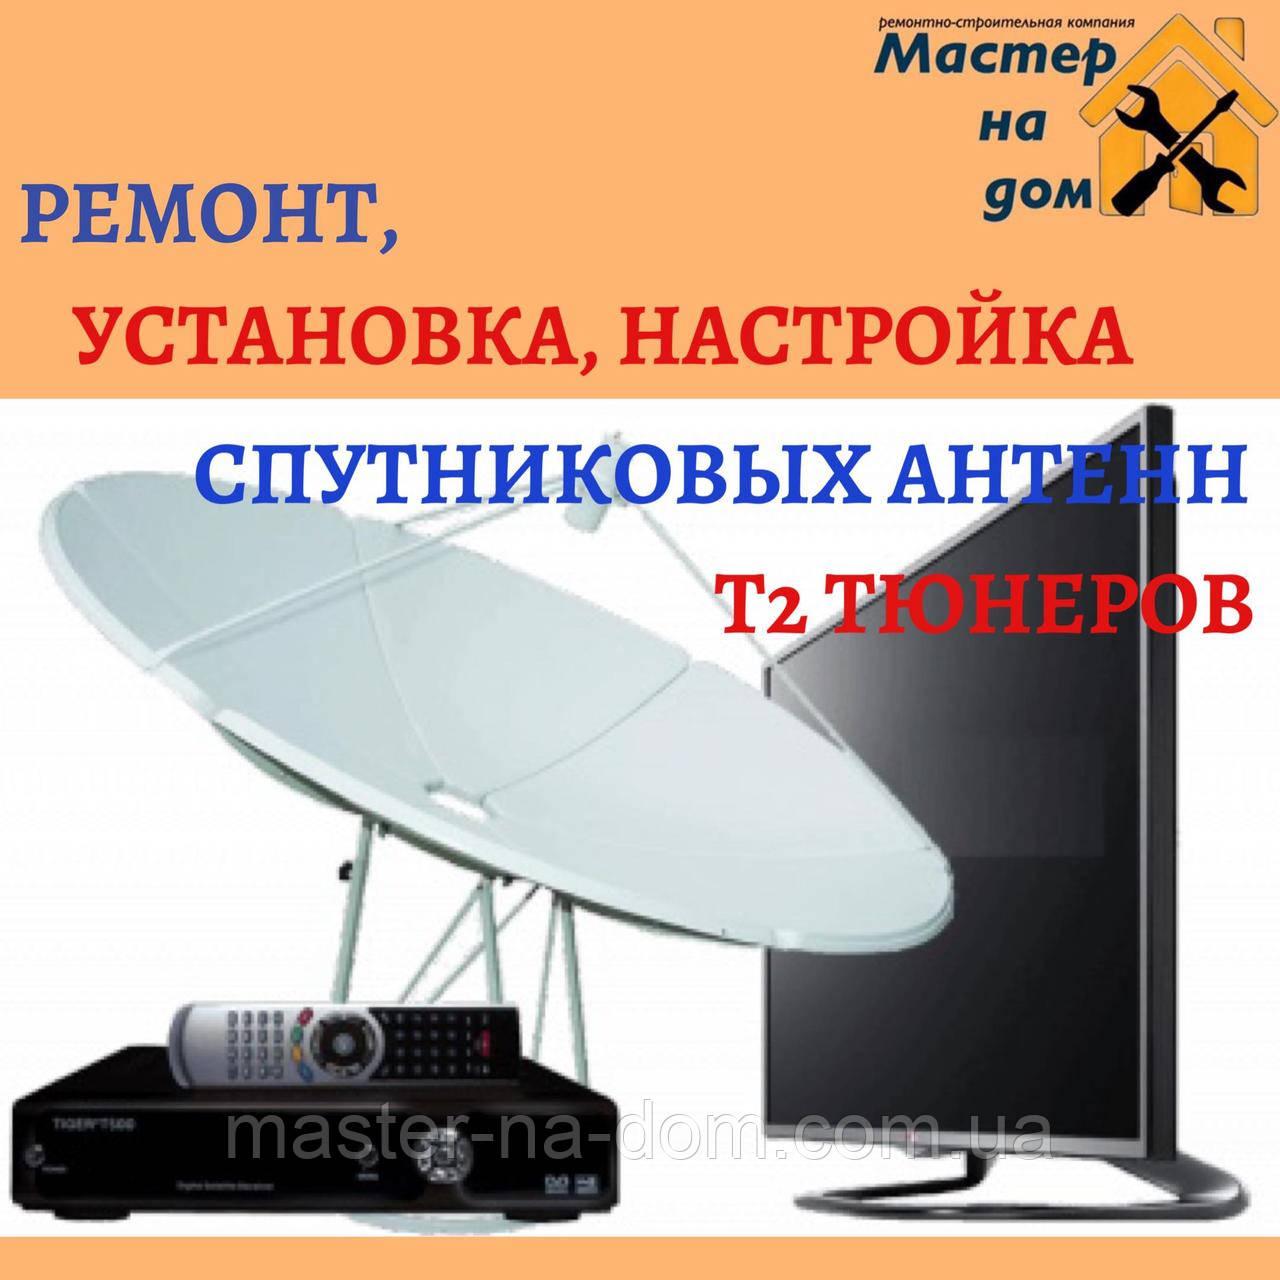 Ремонт, Настройка спутниковых Антенн в Житомире